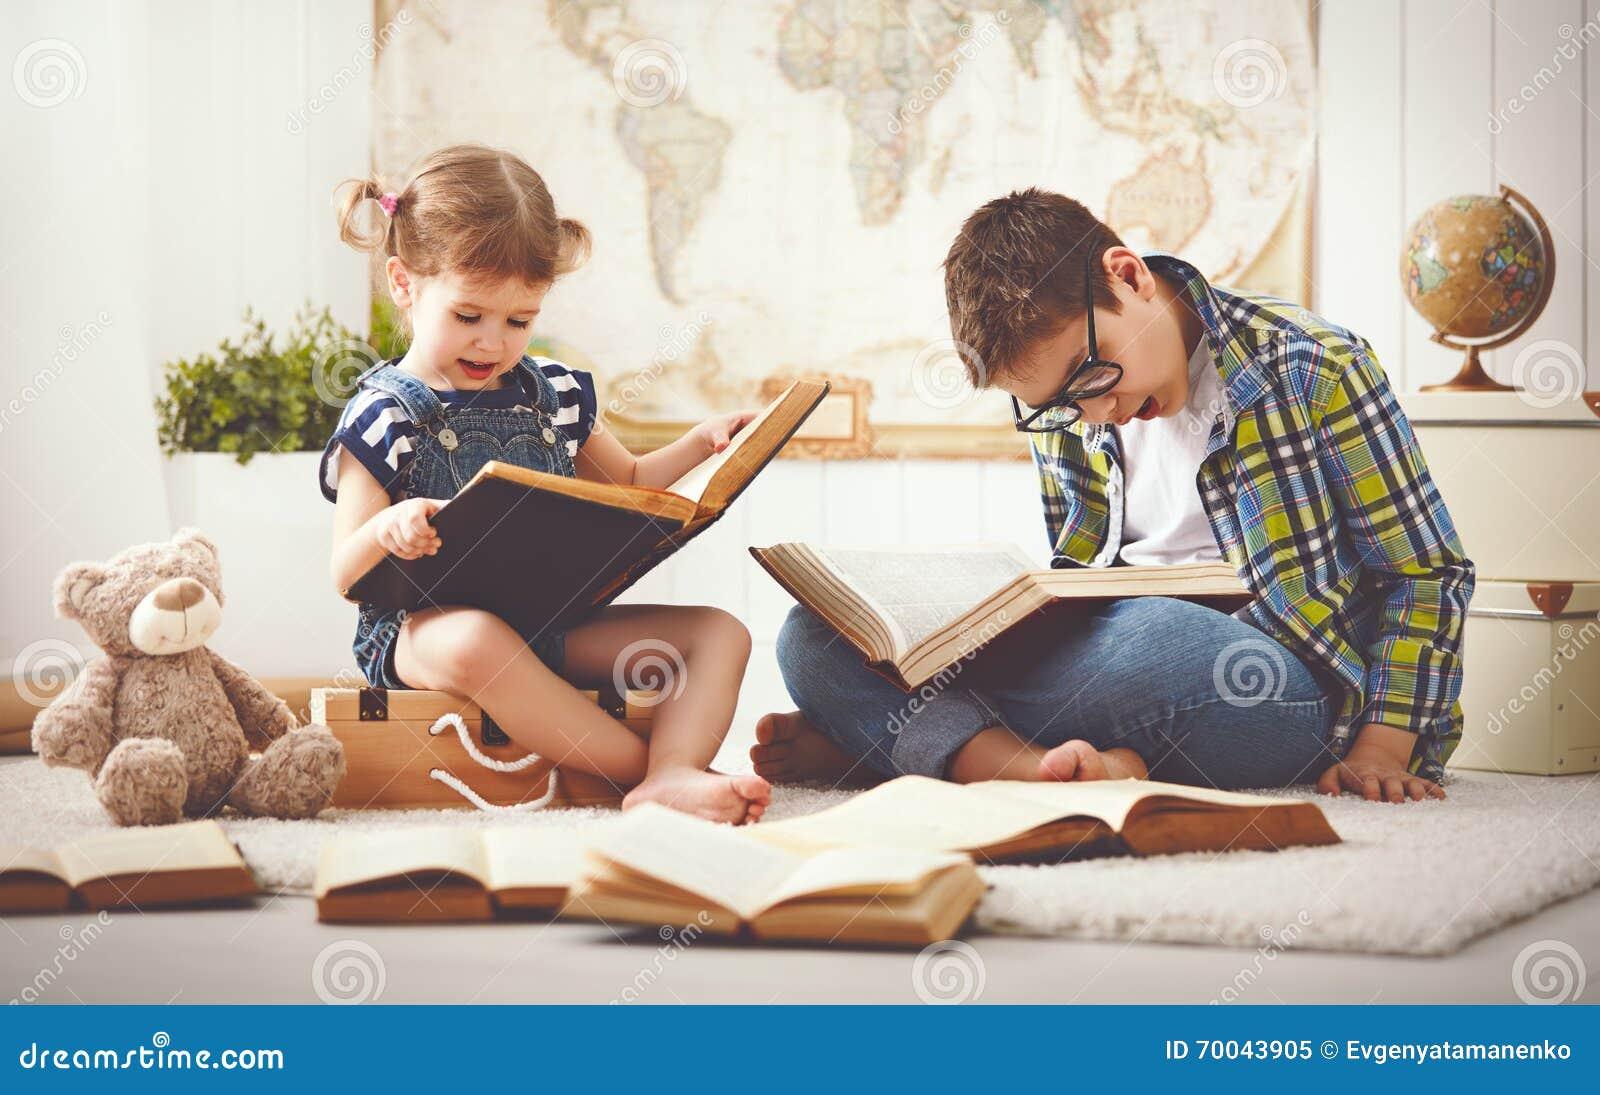 Kinder Bruder und Schwester, Junge und Mädchen, die ein Buch lesen